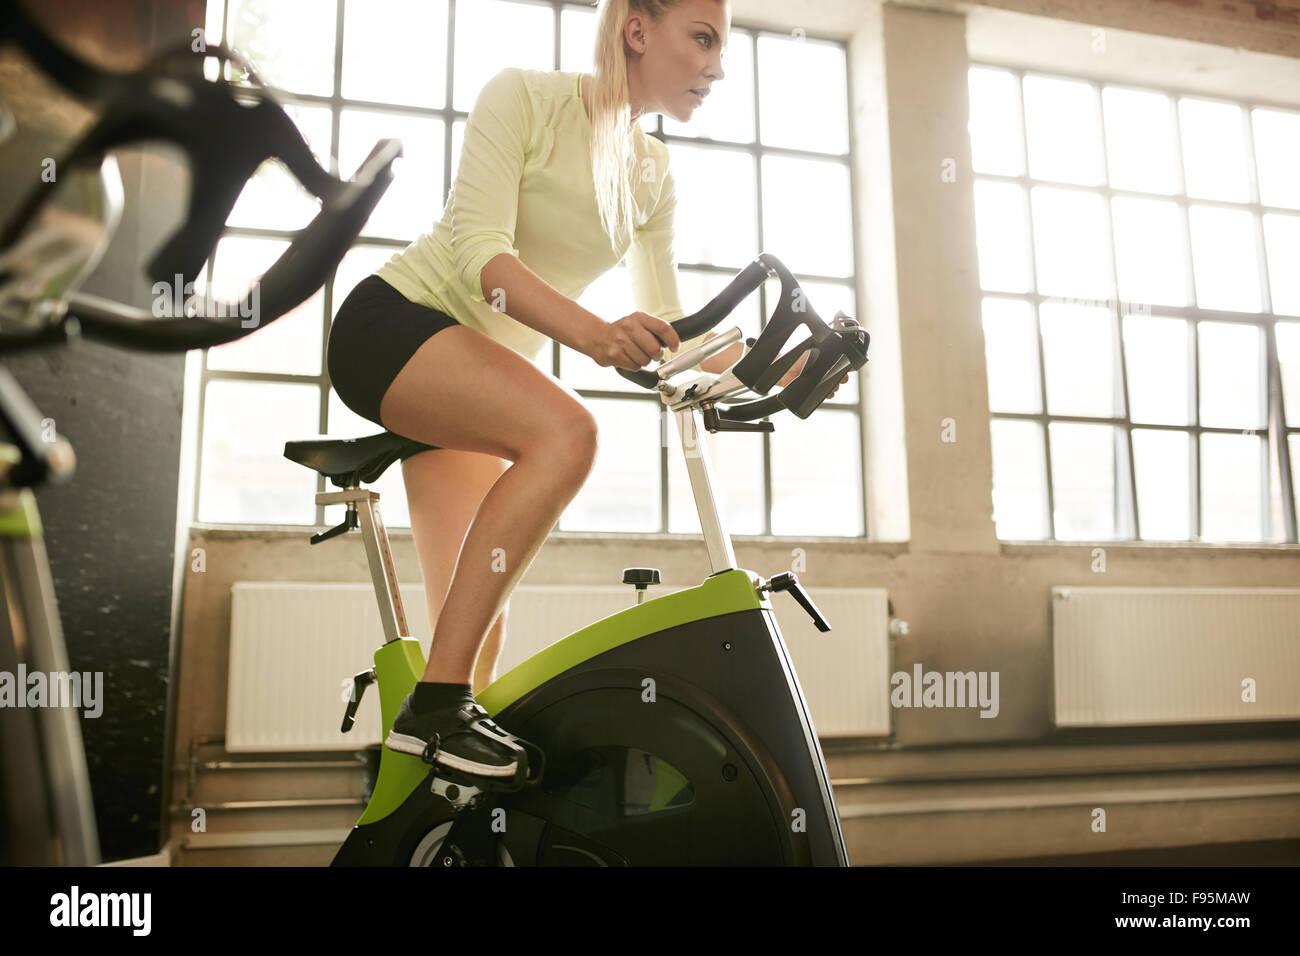 Femme Fitness vélo de spinning à faire de sport. Mettre en place les jeunes filles travaillant sur des Photo Stock